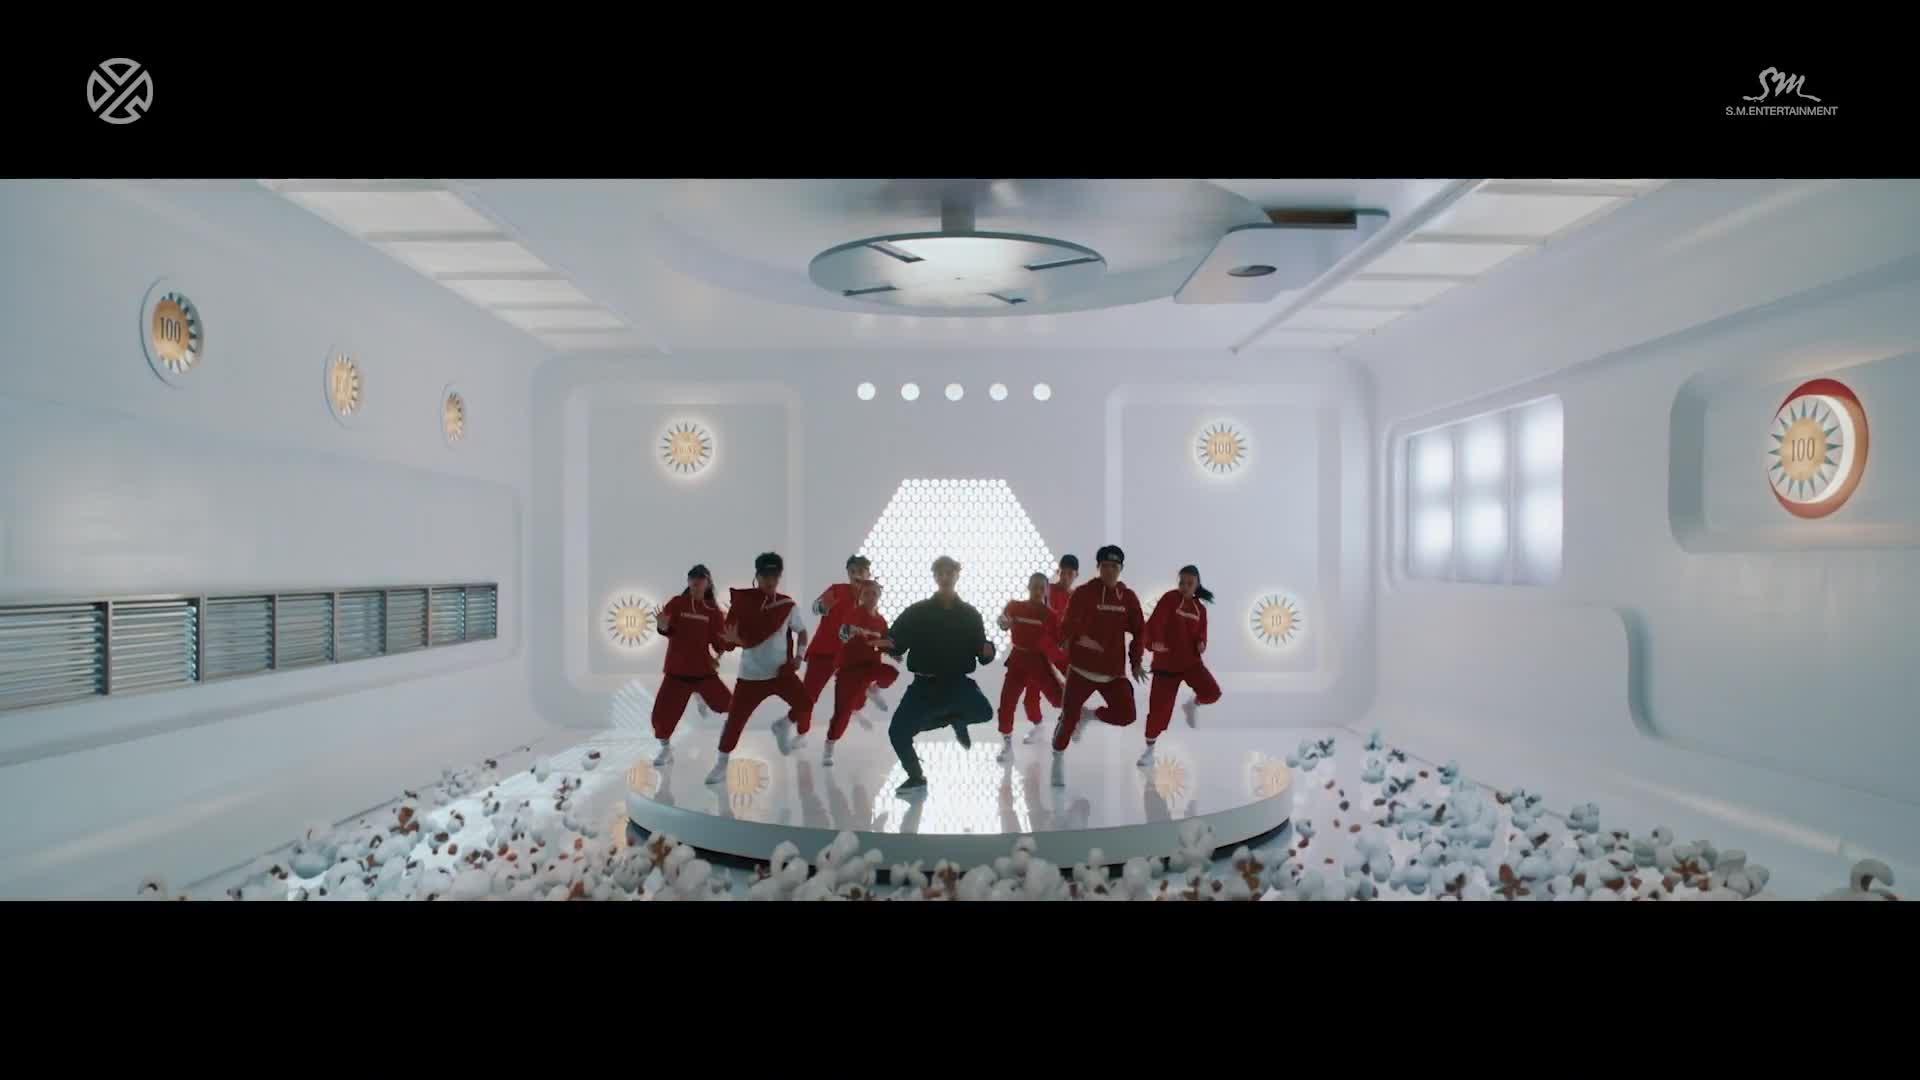 LAY (EXO) thoả sức tung hoành trong MV tái xuất ngập sắc màu